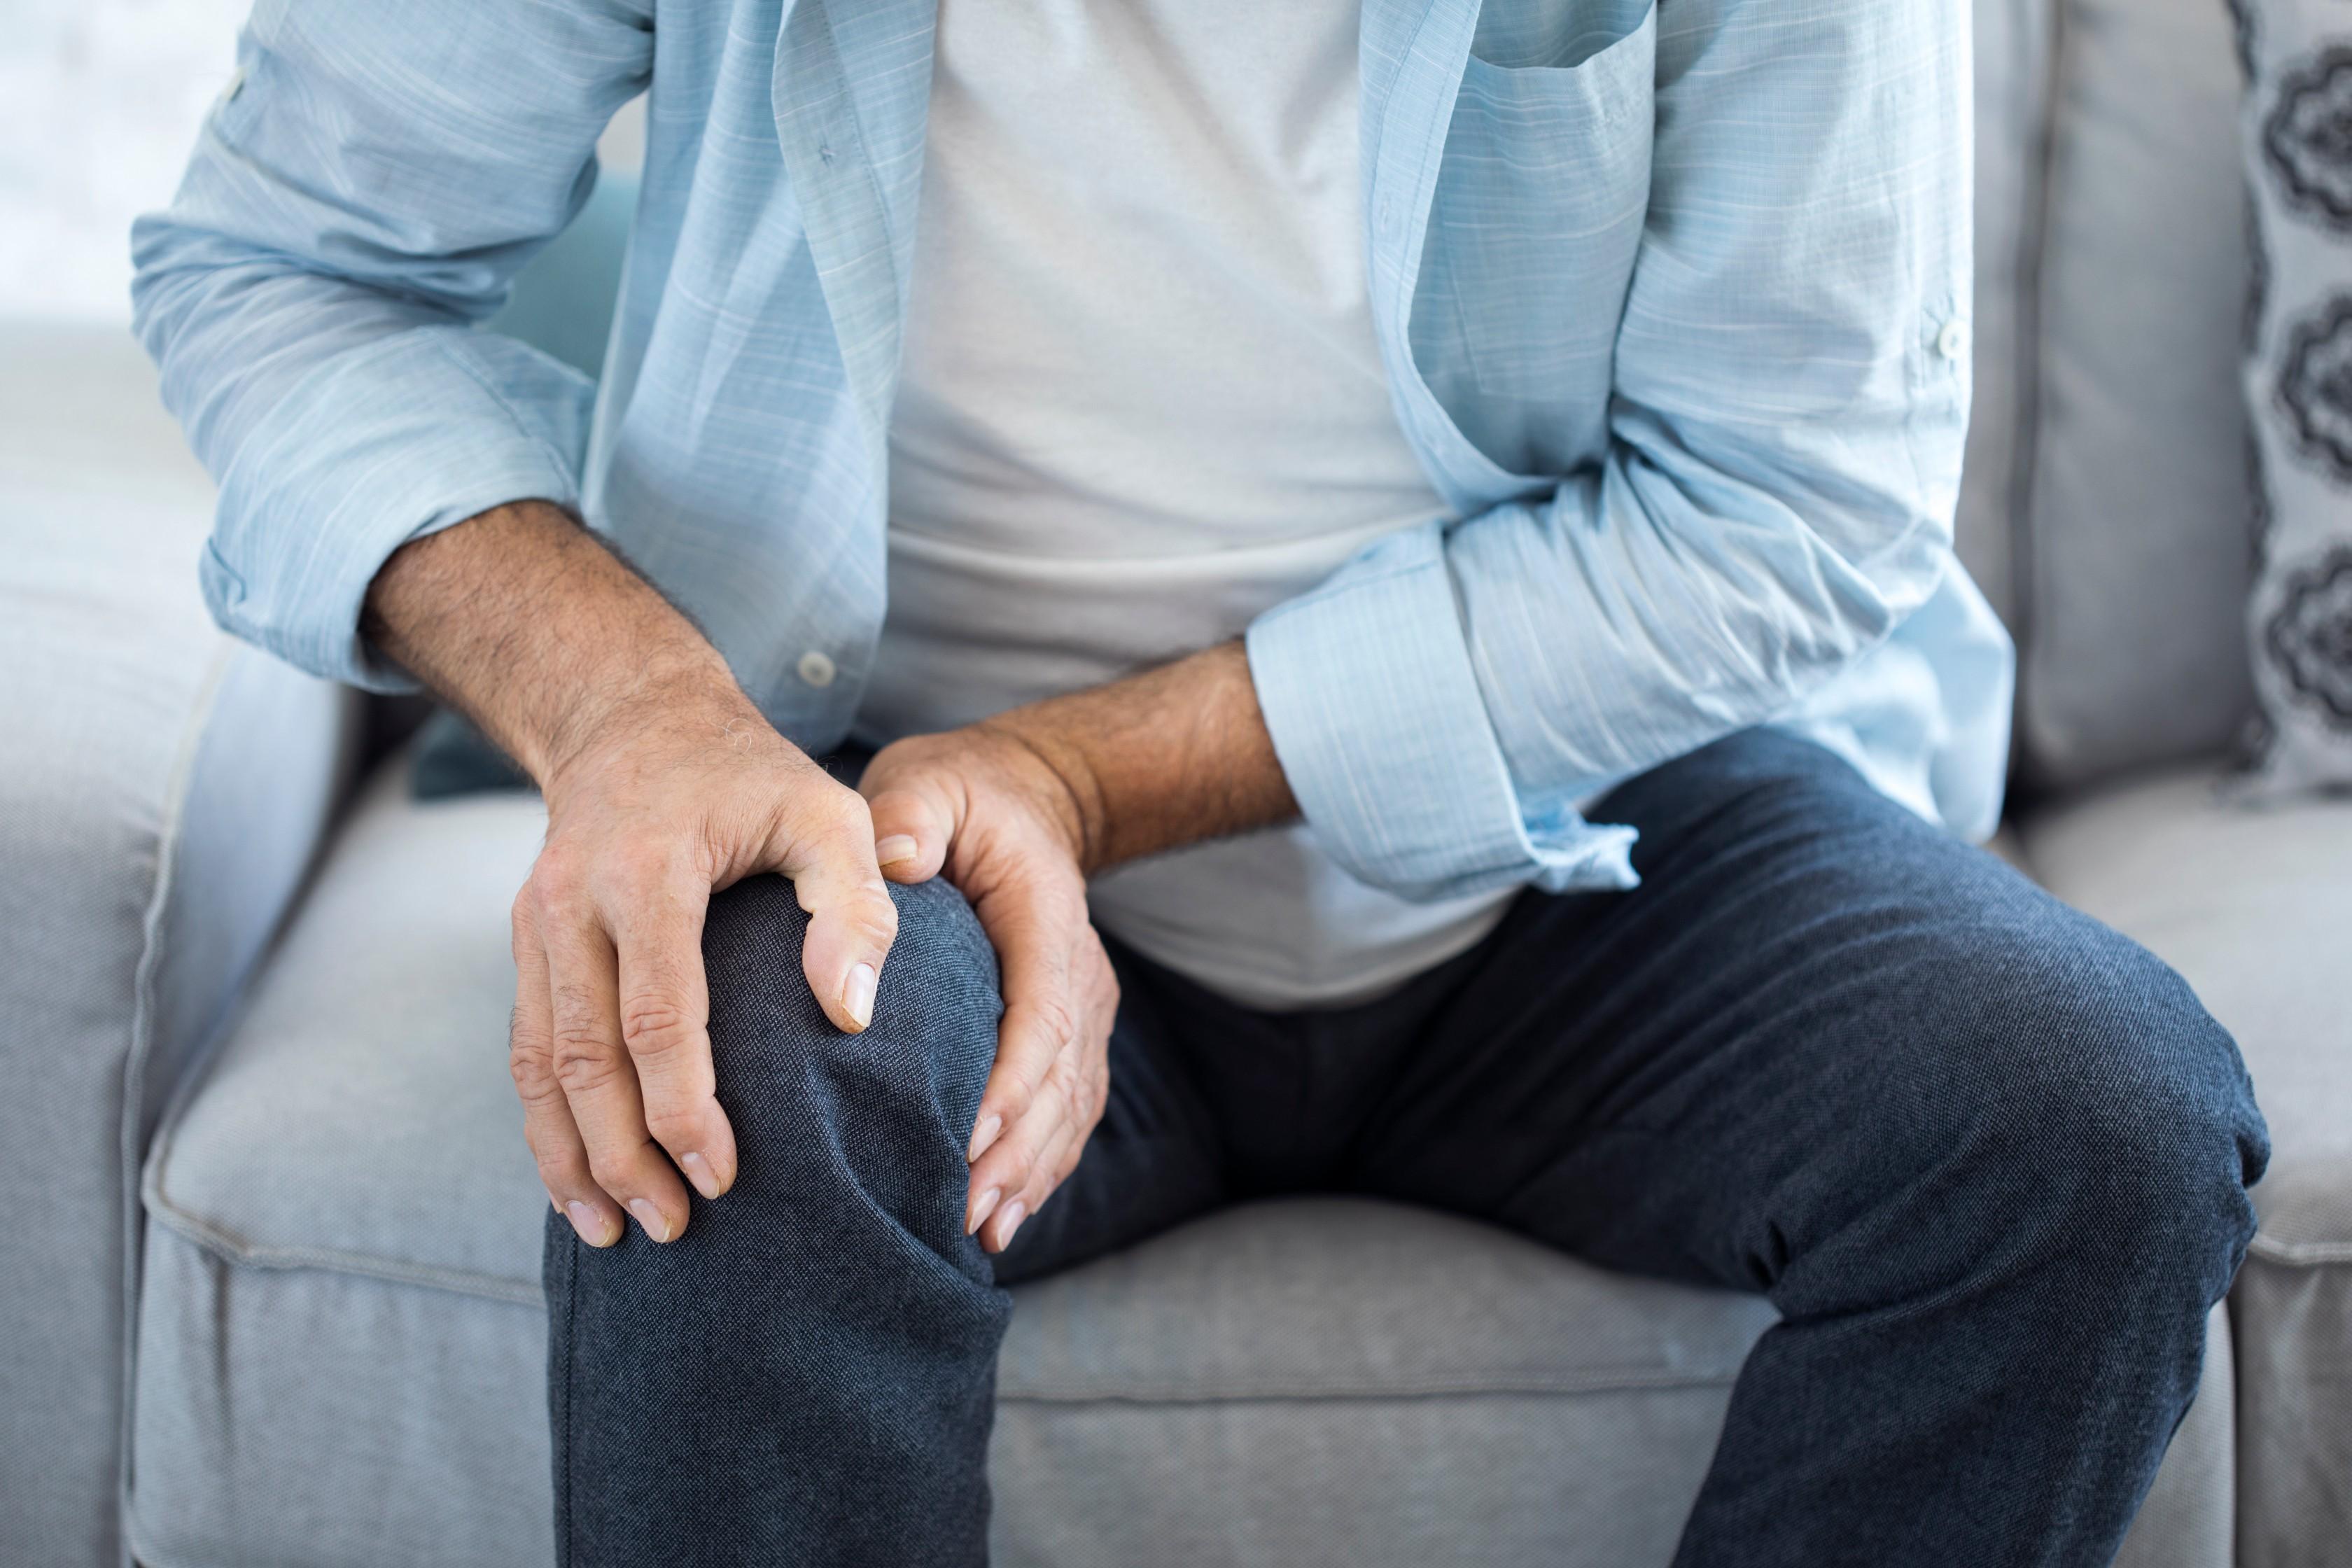 ízületi fájdalomcsillapító a köszvényben lehetséges az 1. fokú artrózis kezelése